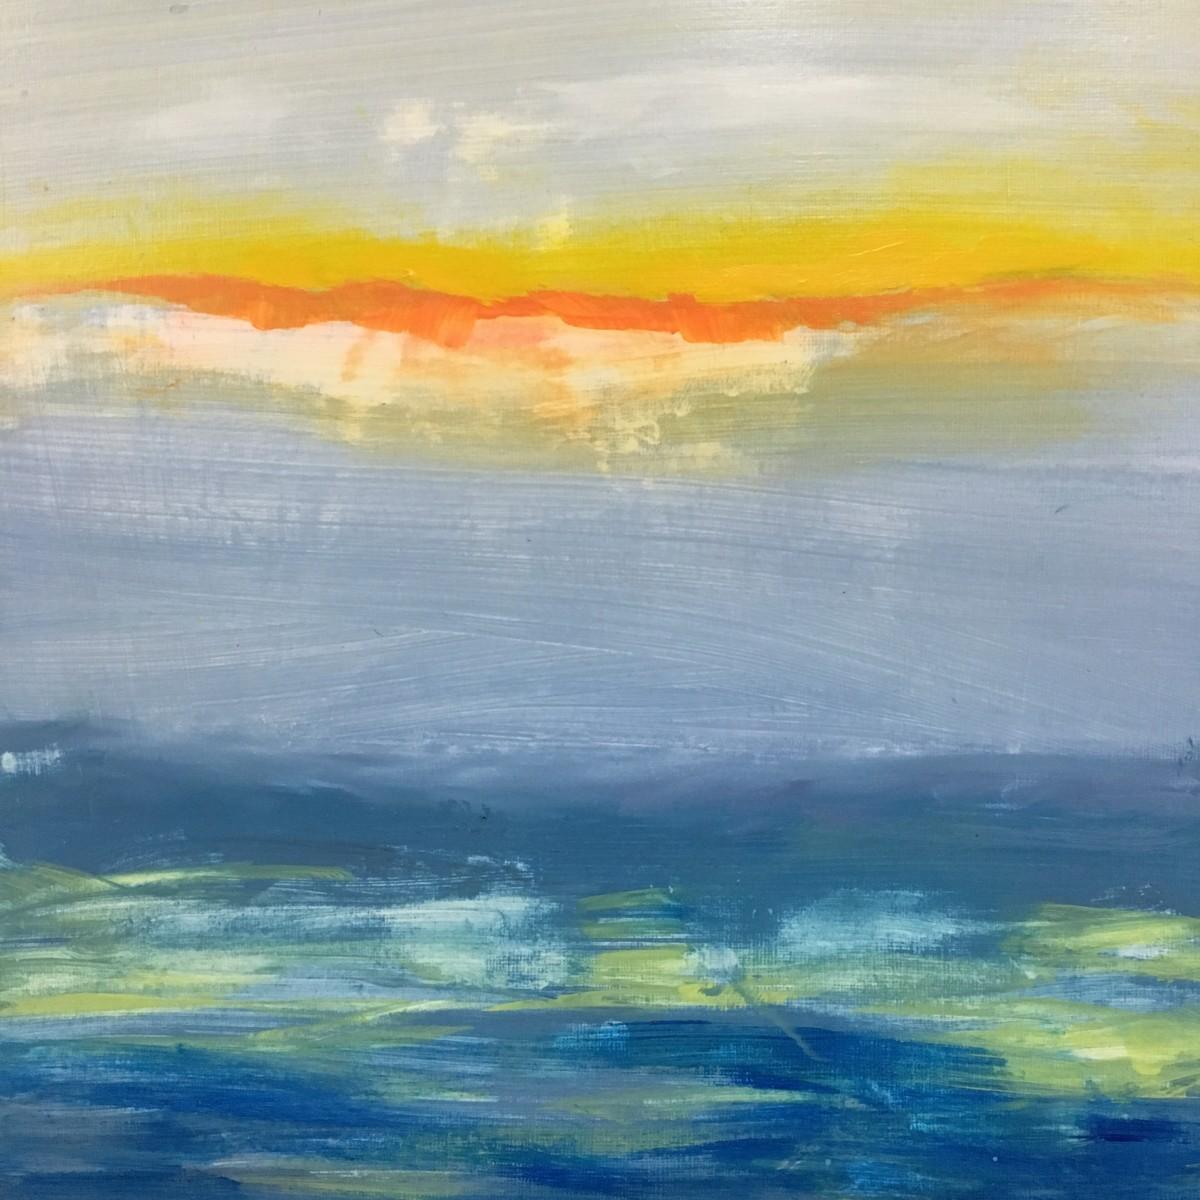 Floating Sky by Julea Boswell